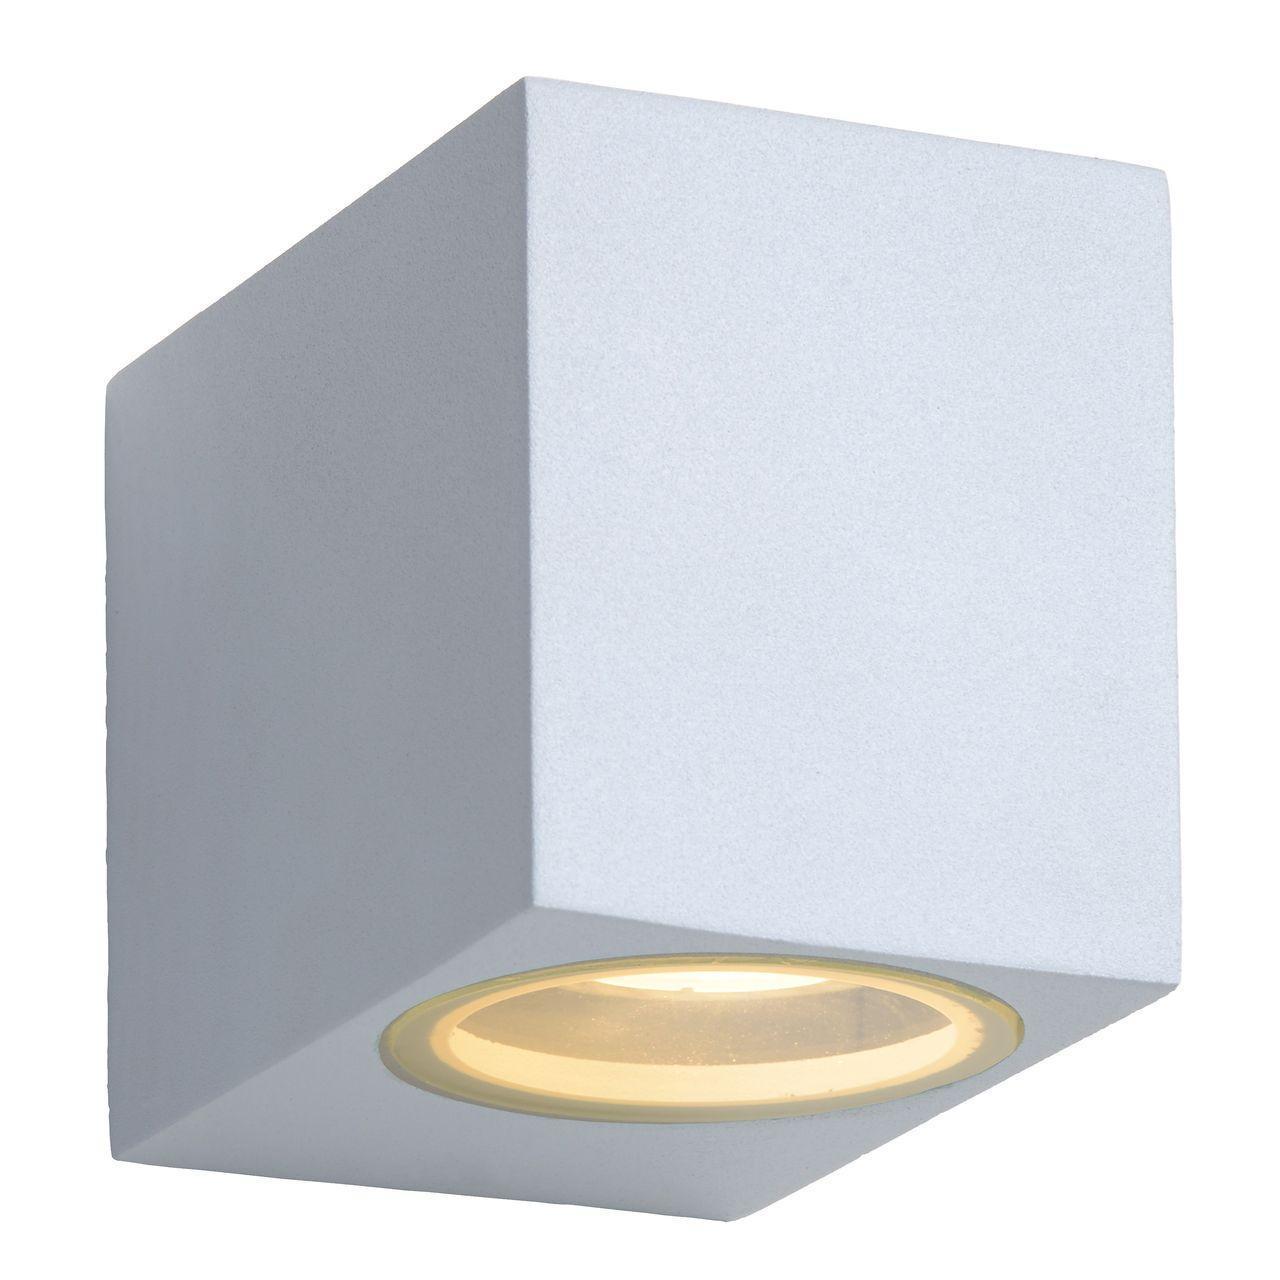 Уличный светильник Lucide 22860/05/31, белый уличный настенный светильник lucide dingo 14881 05 31